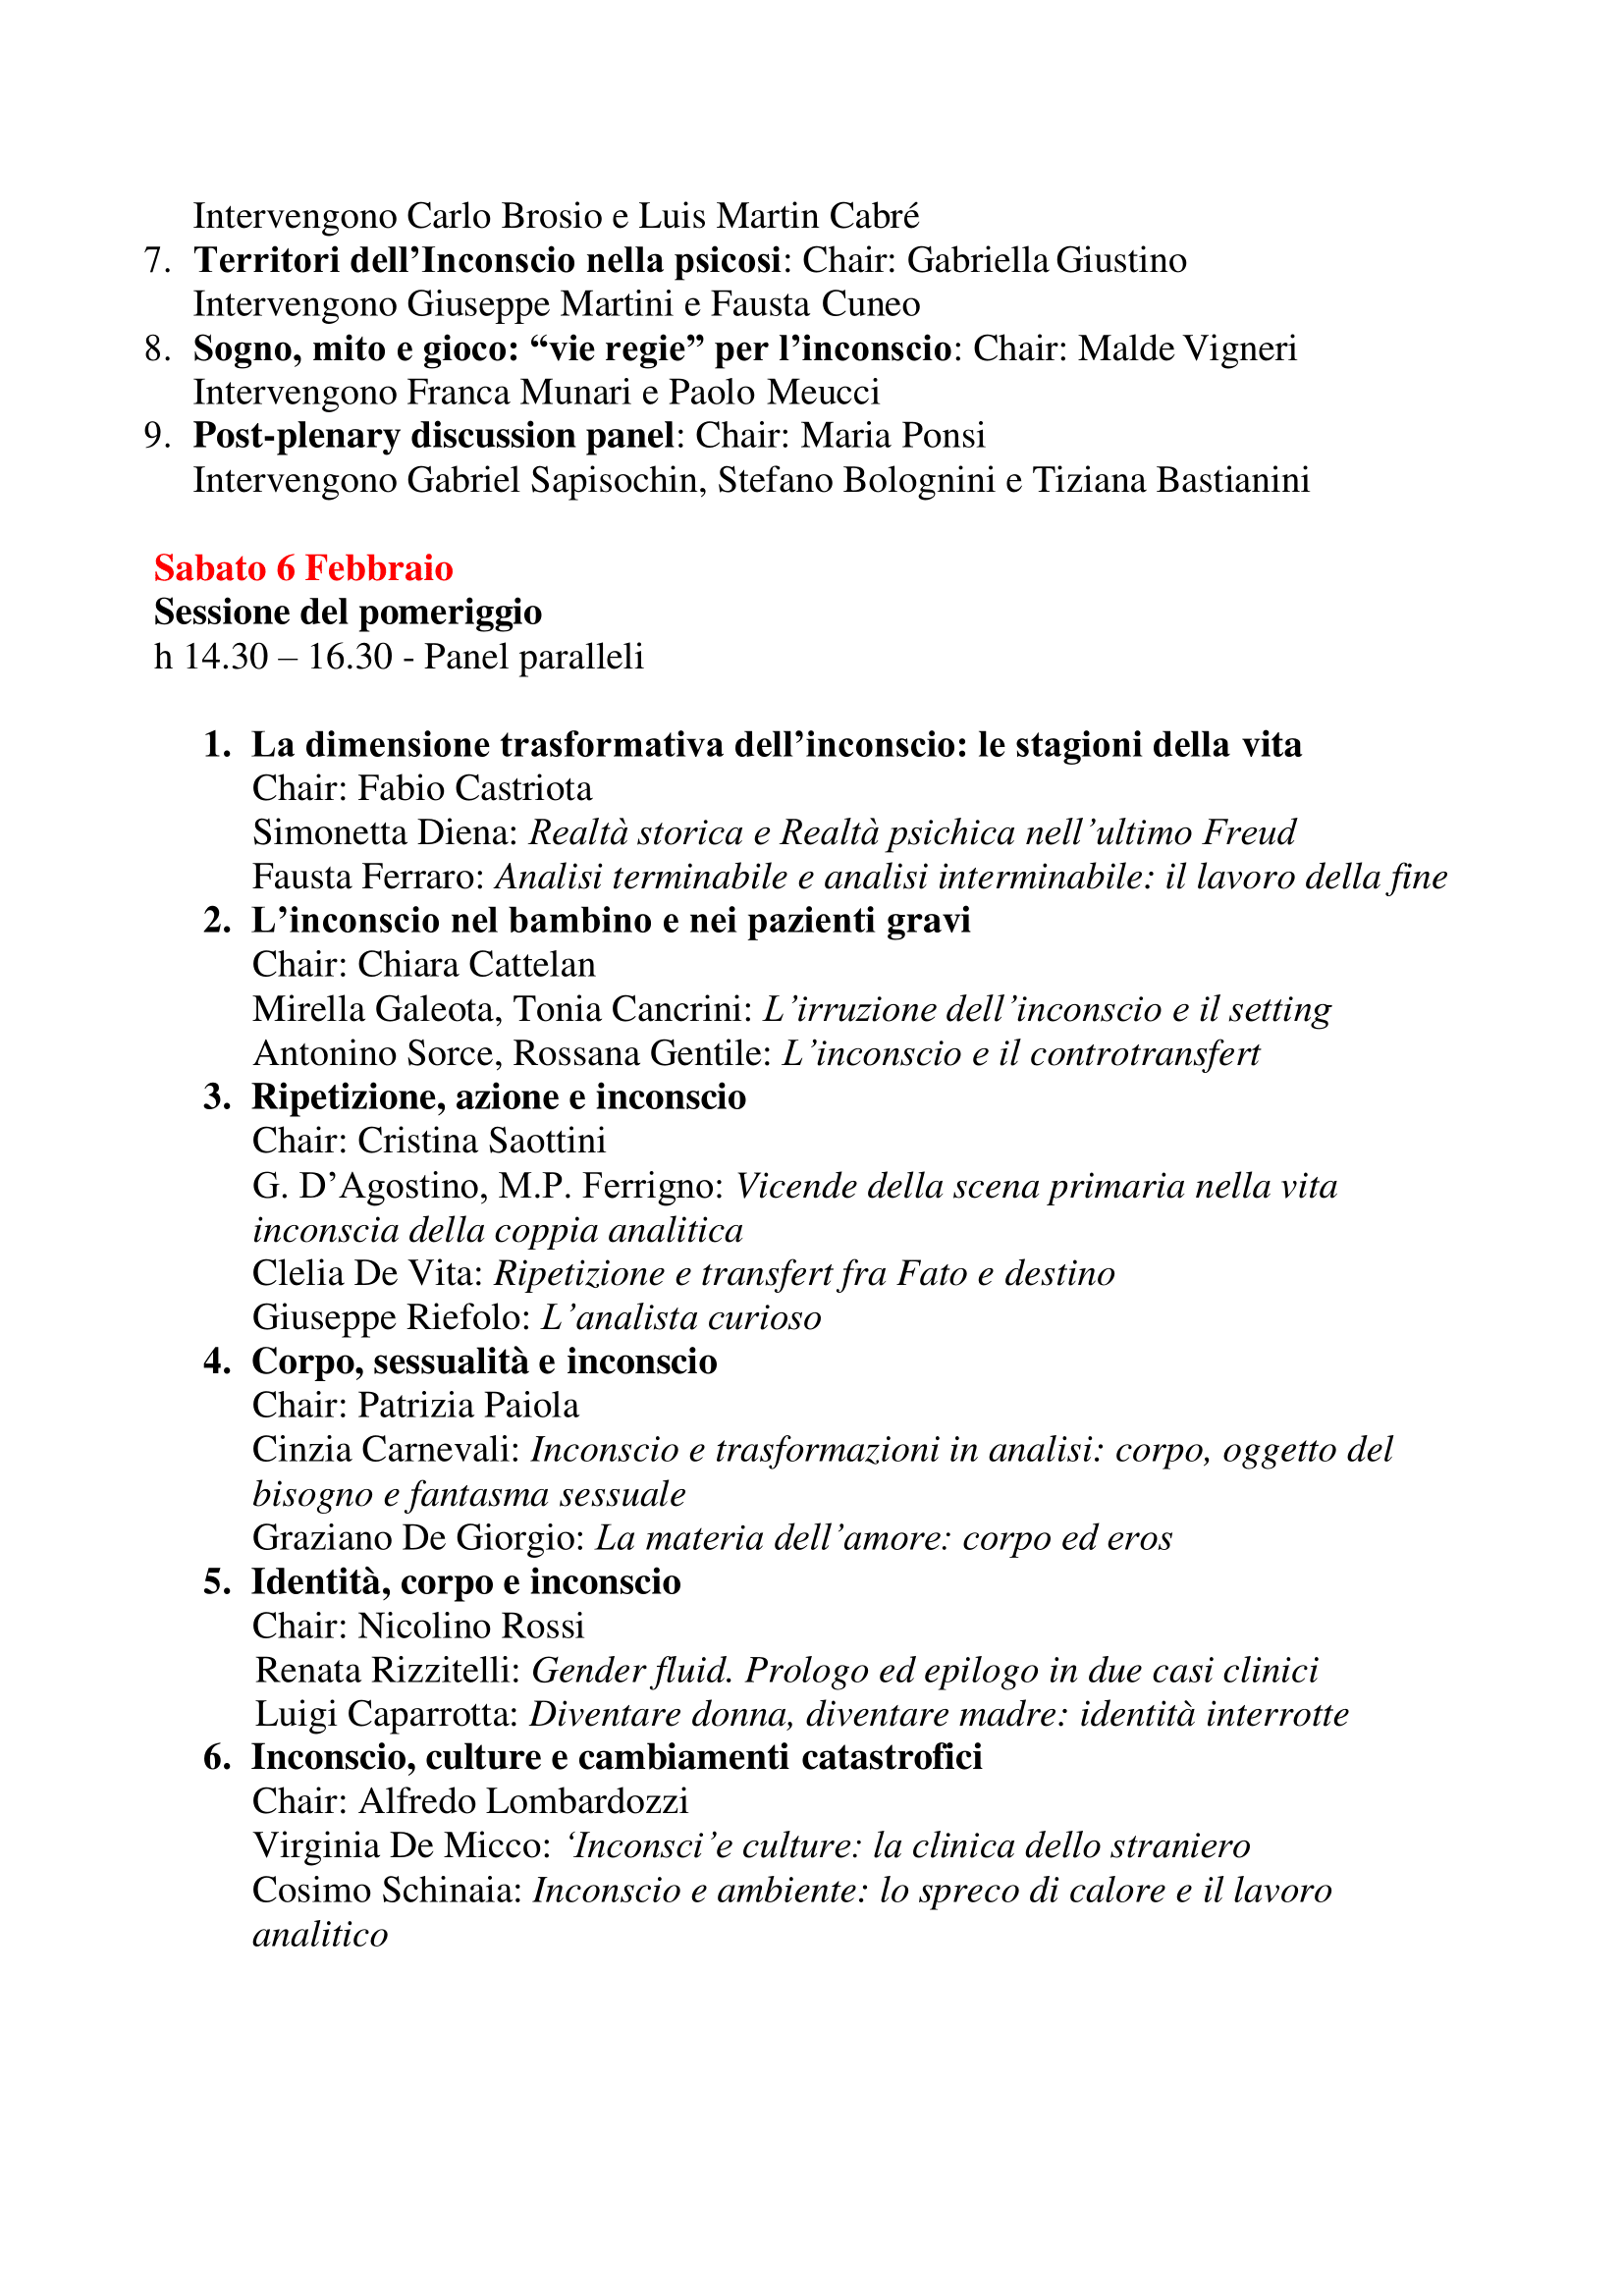 programmaprovvisorio versione30dicembrequaterok 4